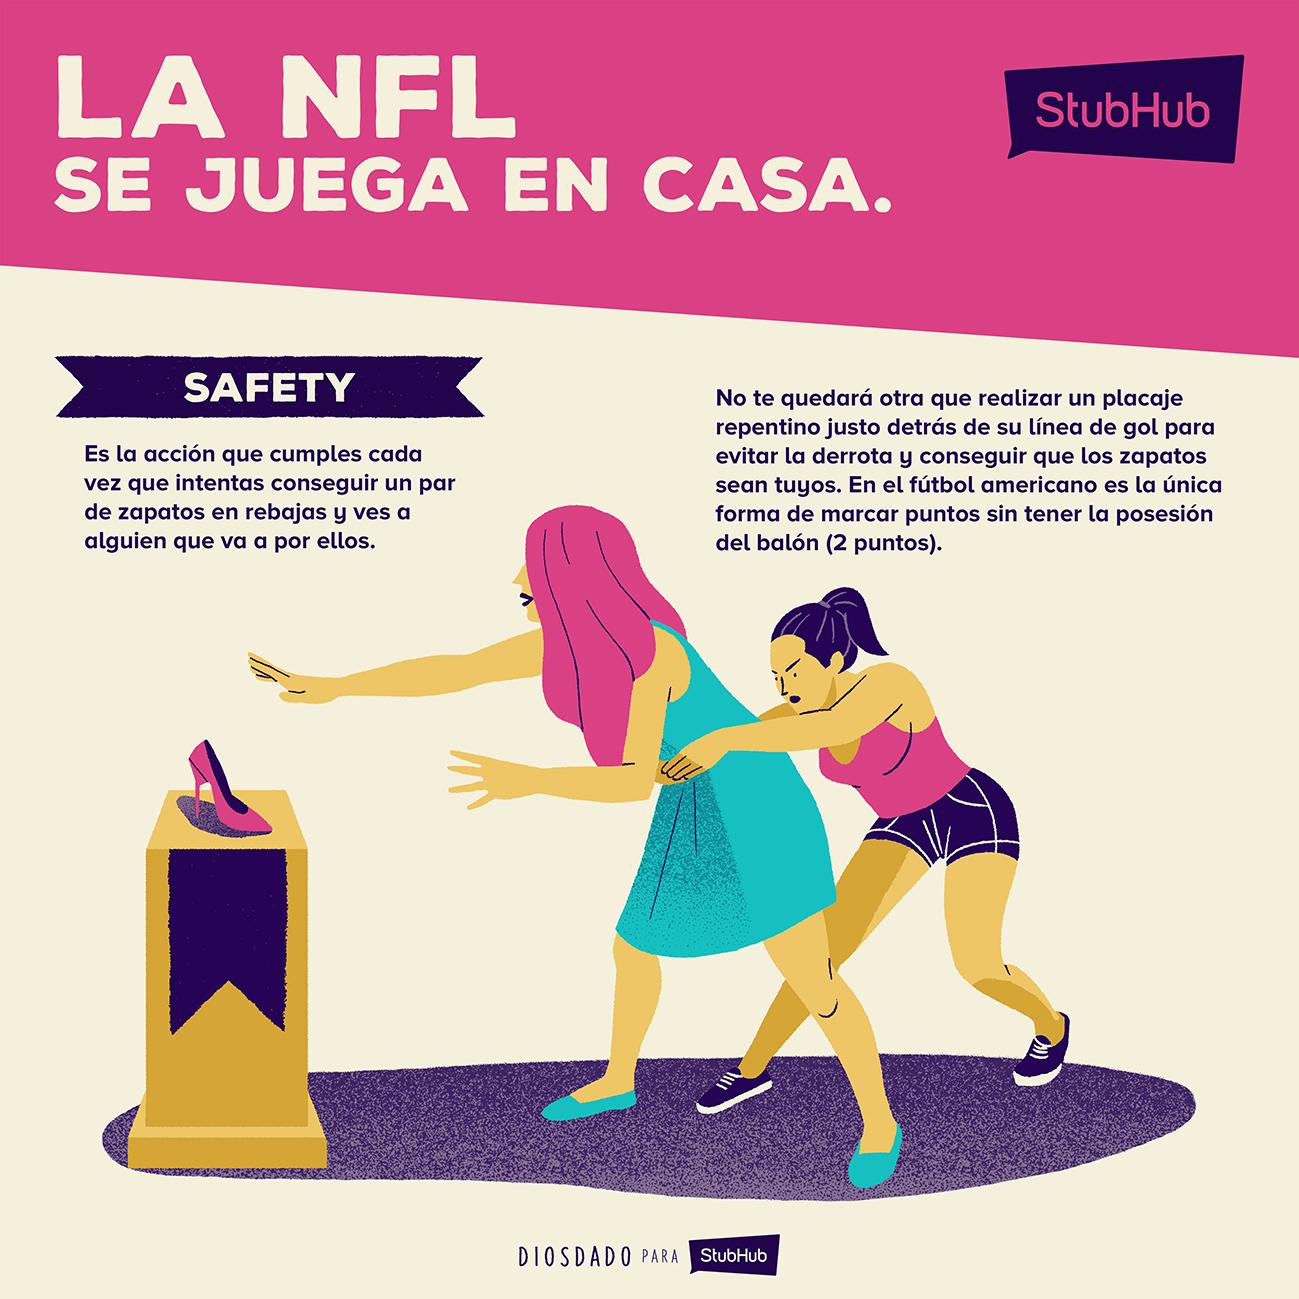 Daniel Diosdado: La NFL se juega en casa